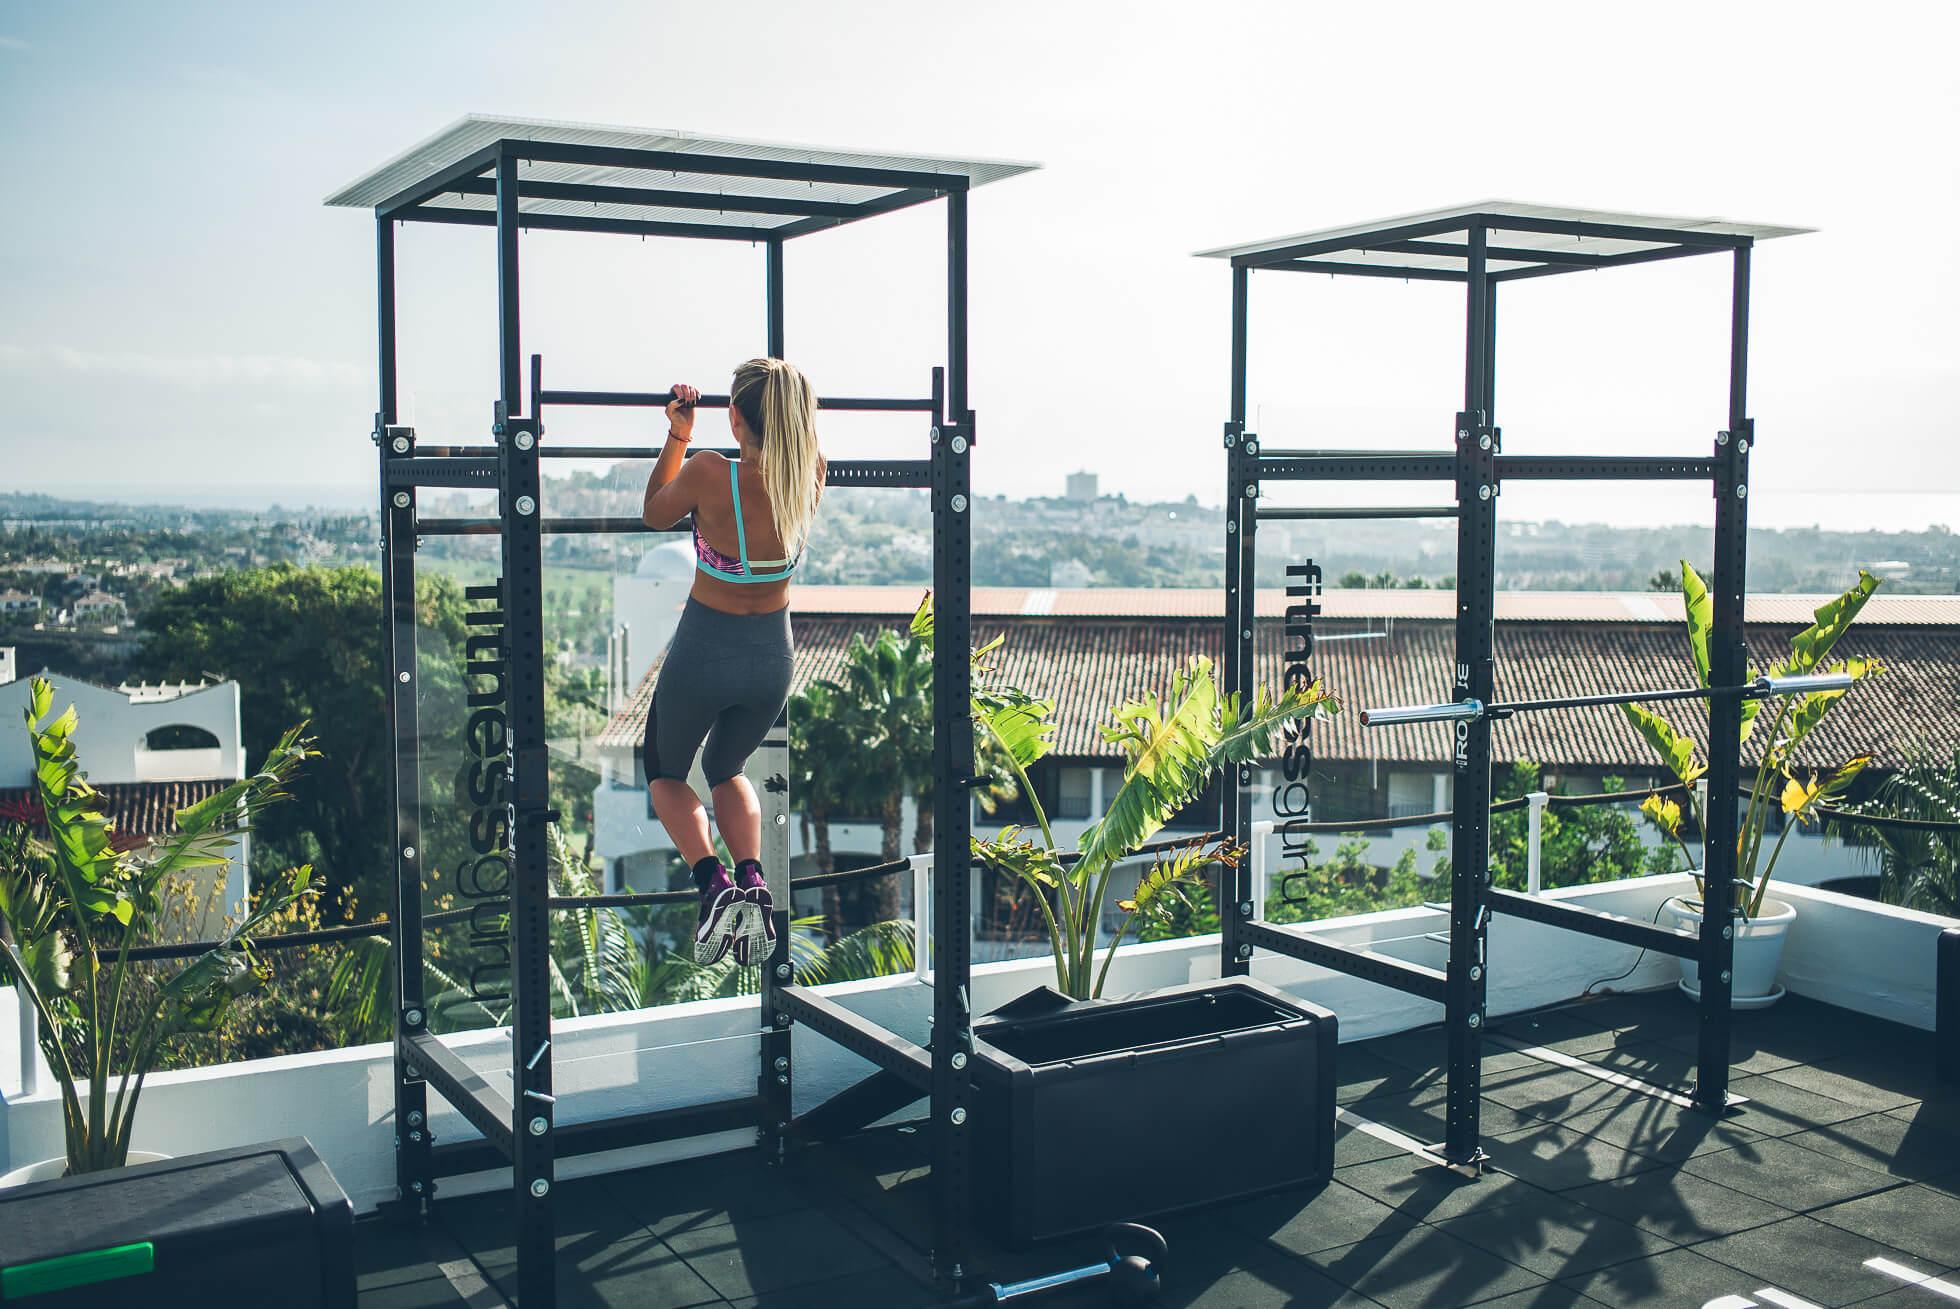 janni-deler-rooftop-workoutL1009050